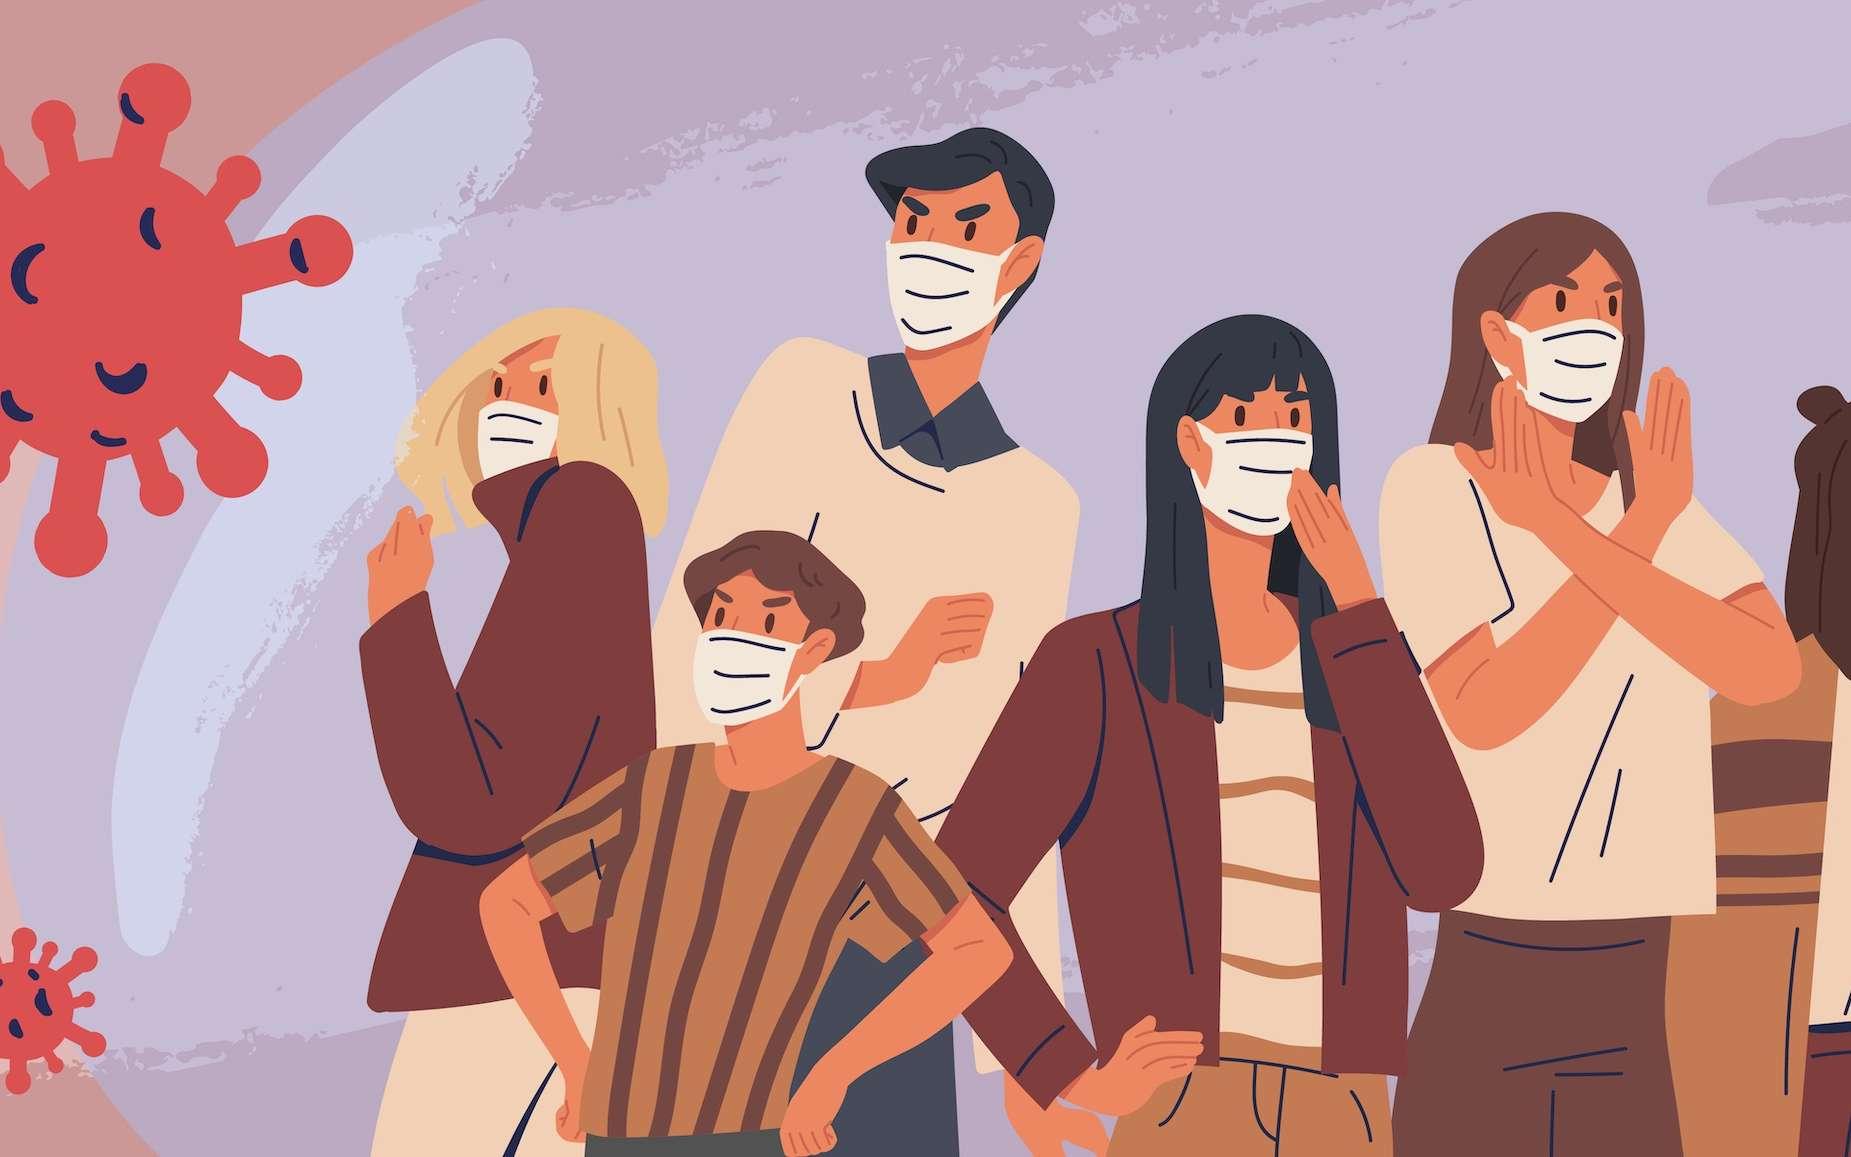 Face au risque de la Covid-19, nous sommes tous différents. © Good Studio, Adobe Stock